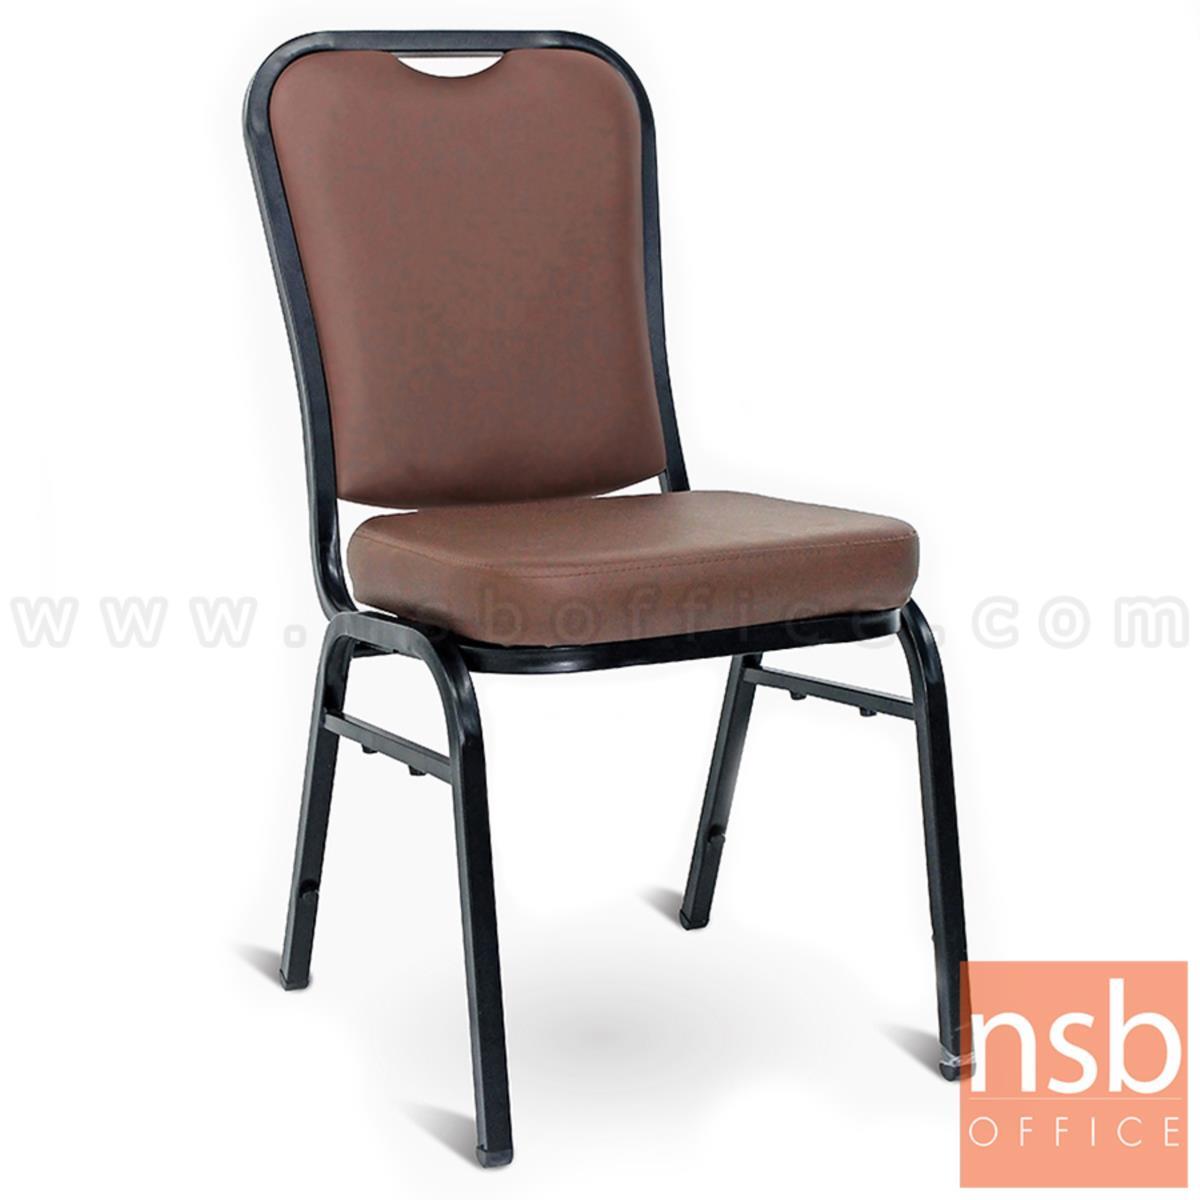 B08A071:เก้าอี้อเนกประสงค์จัดเลี้ยง รุ่น Escher (แอ็ชเชอร์)  ขาเหล็กพ่นดำ